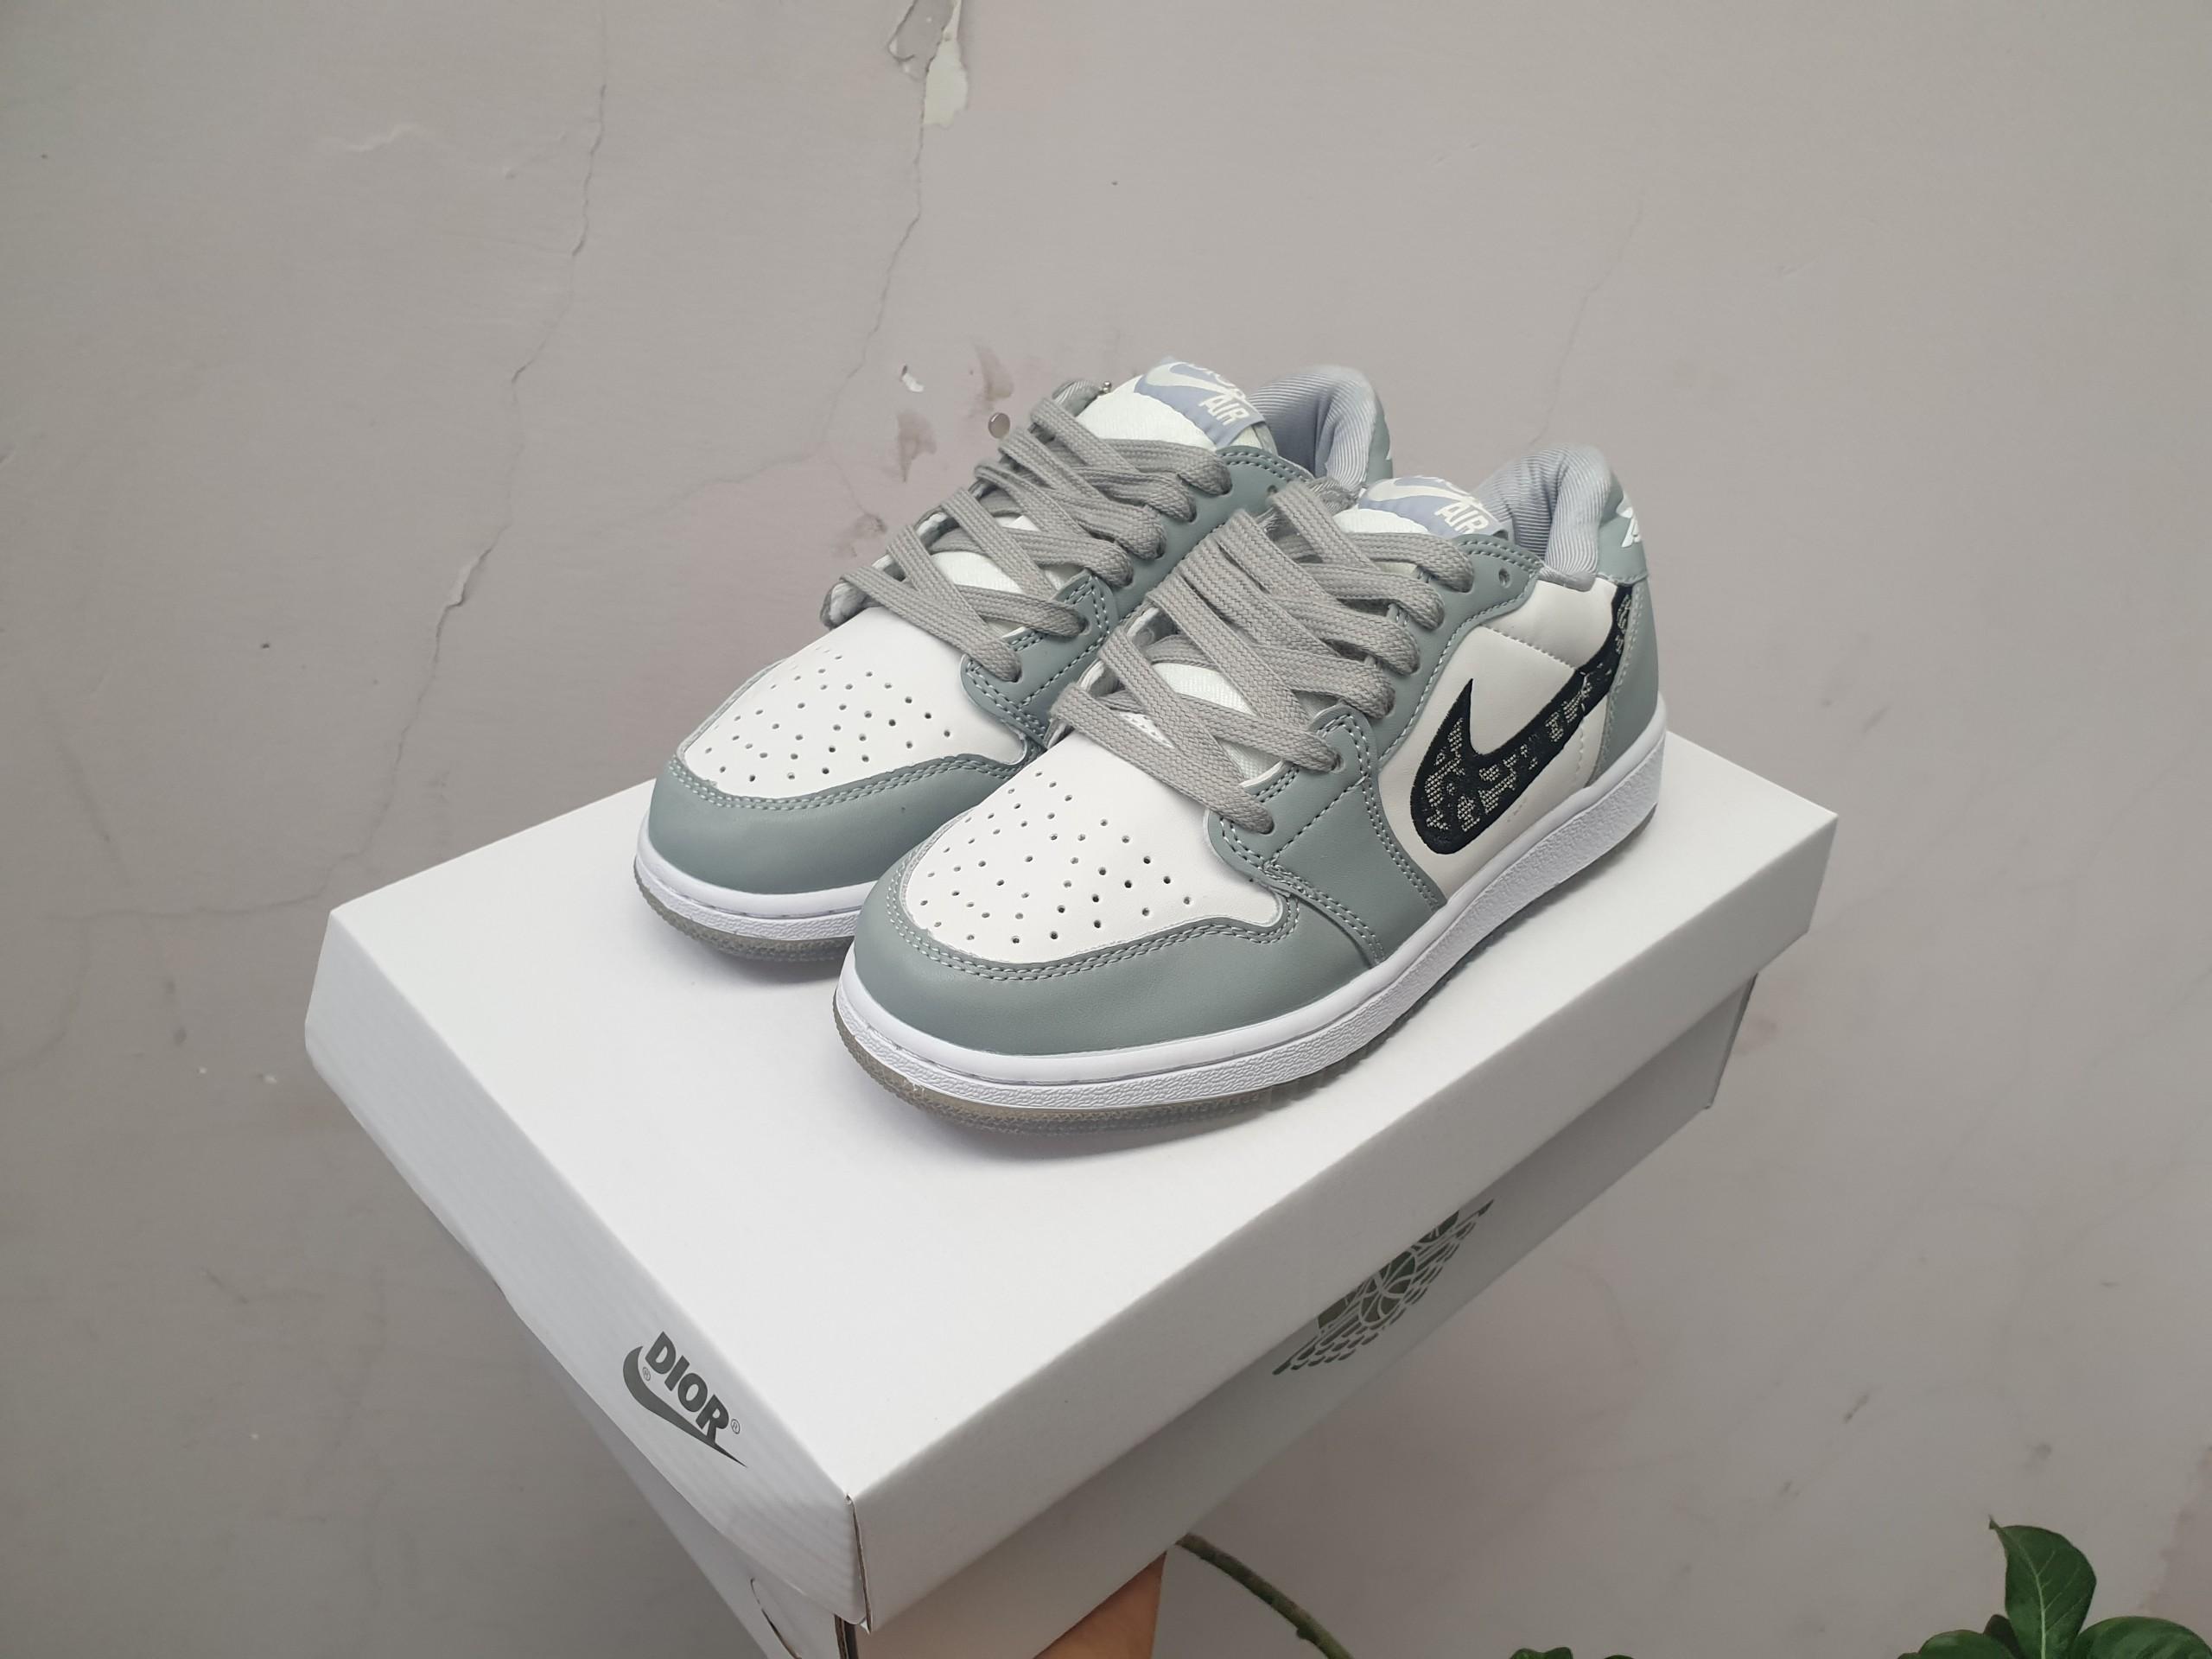 Giày jordan 1 Dior cổ thấp replica